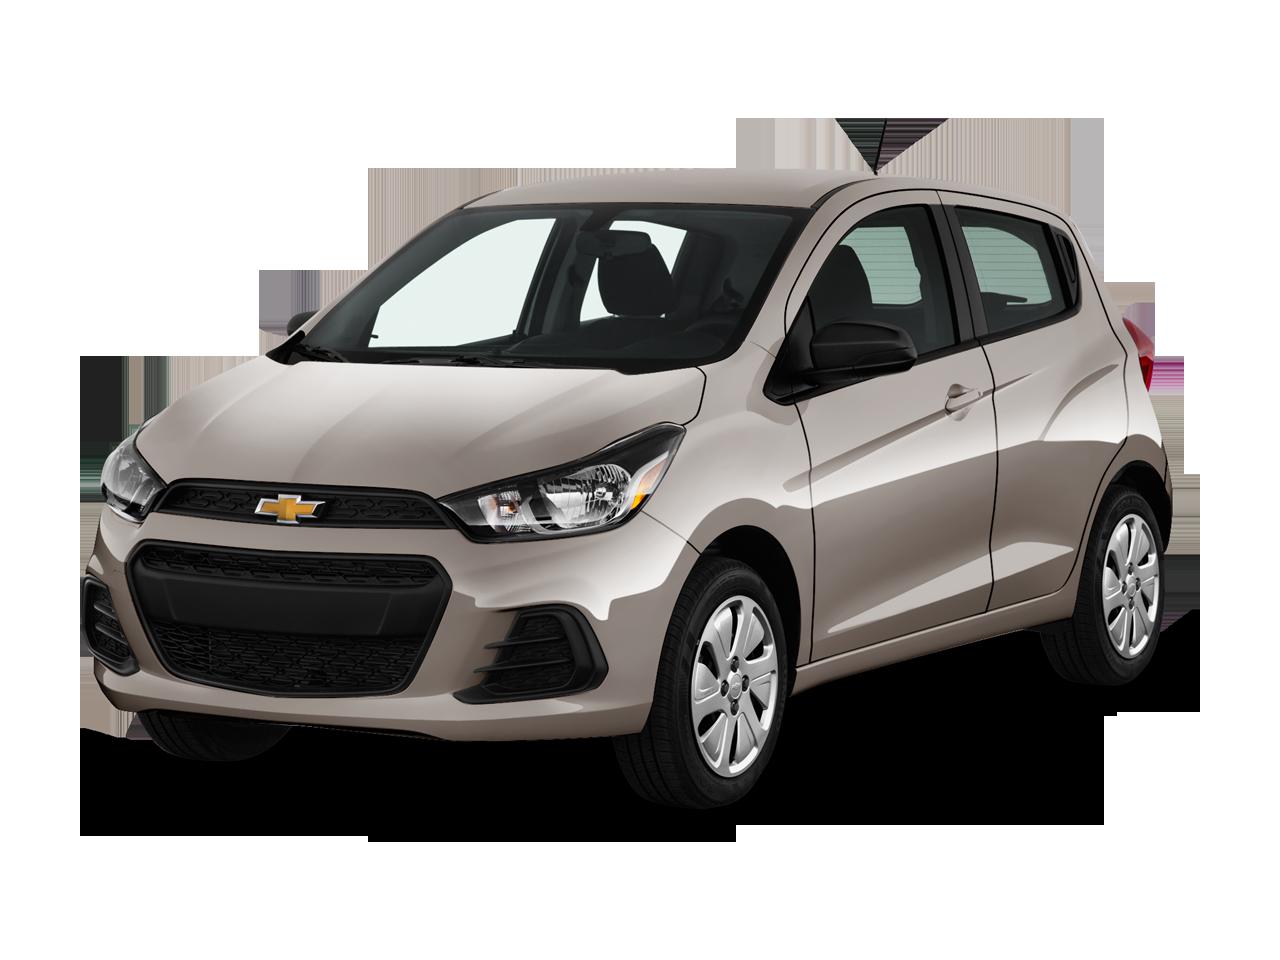 New 2017 Chevrolet Spark LS - Near Egg Harbor Township NJ - Bennett ...